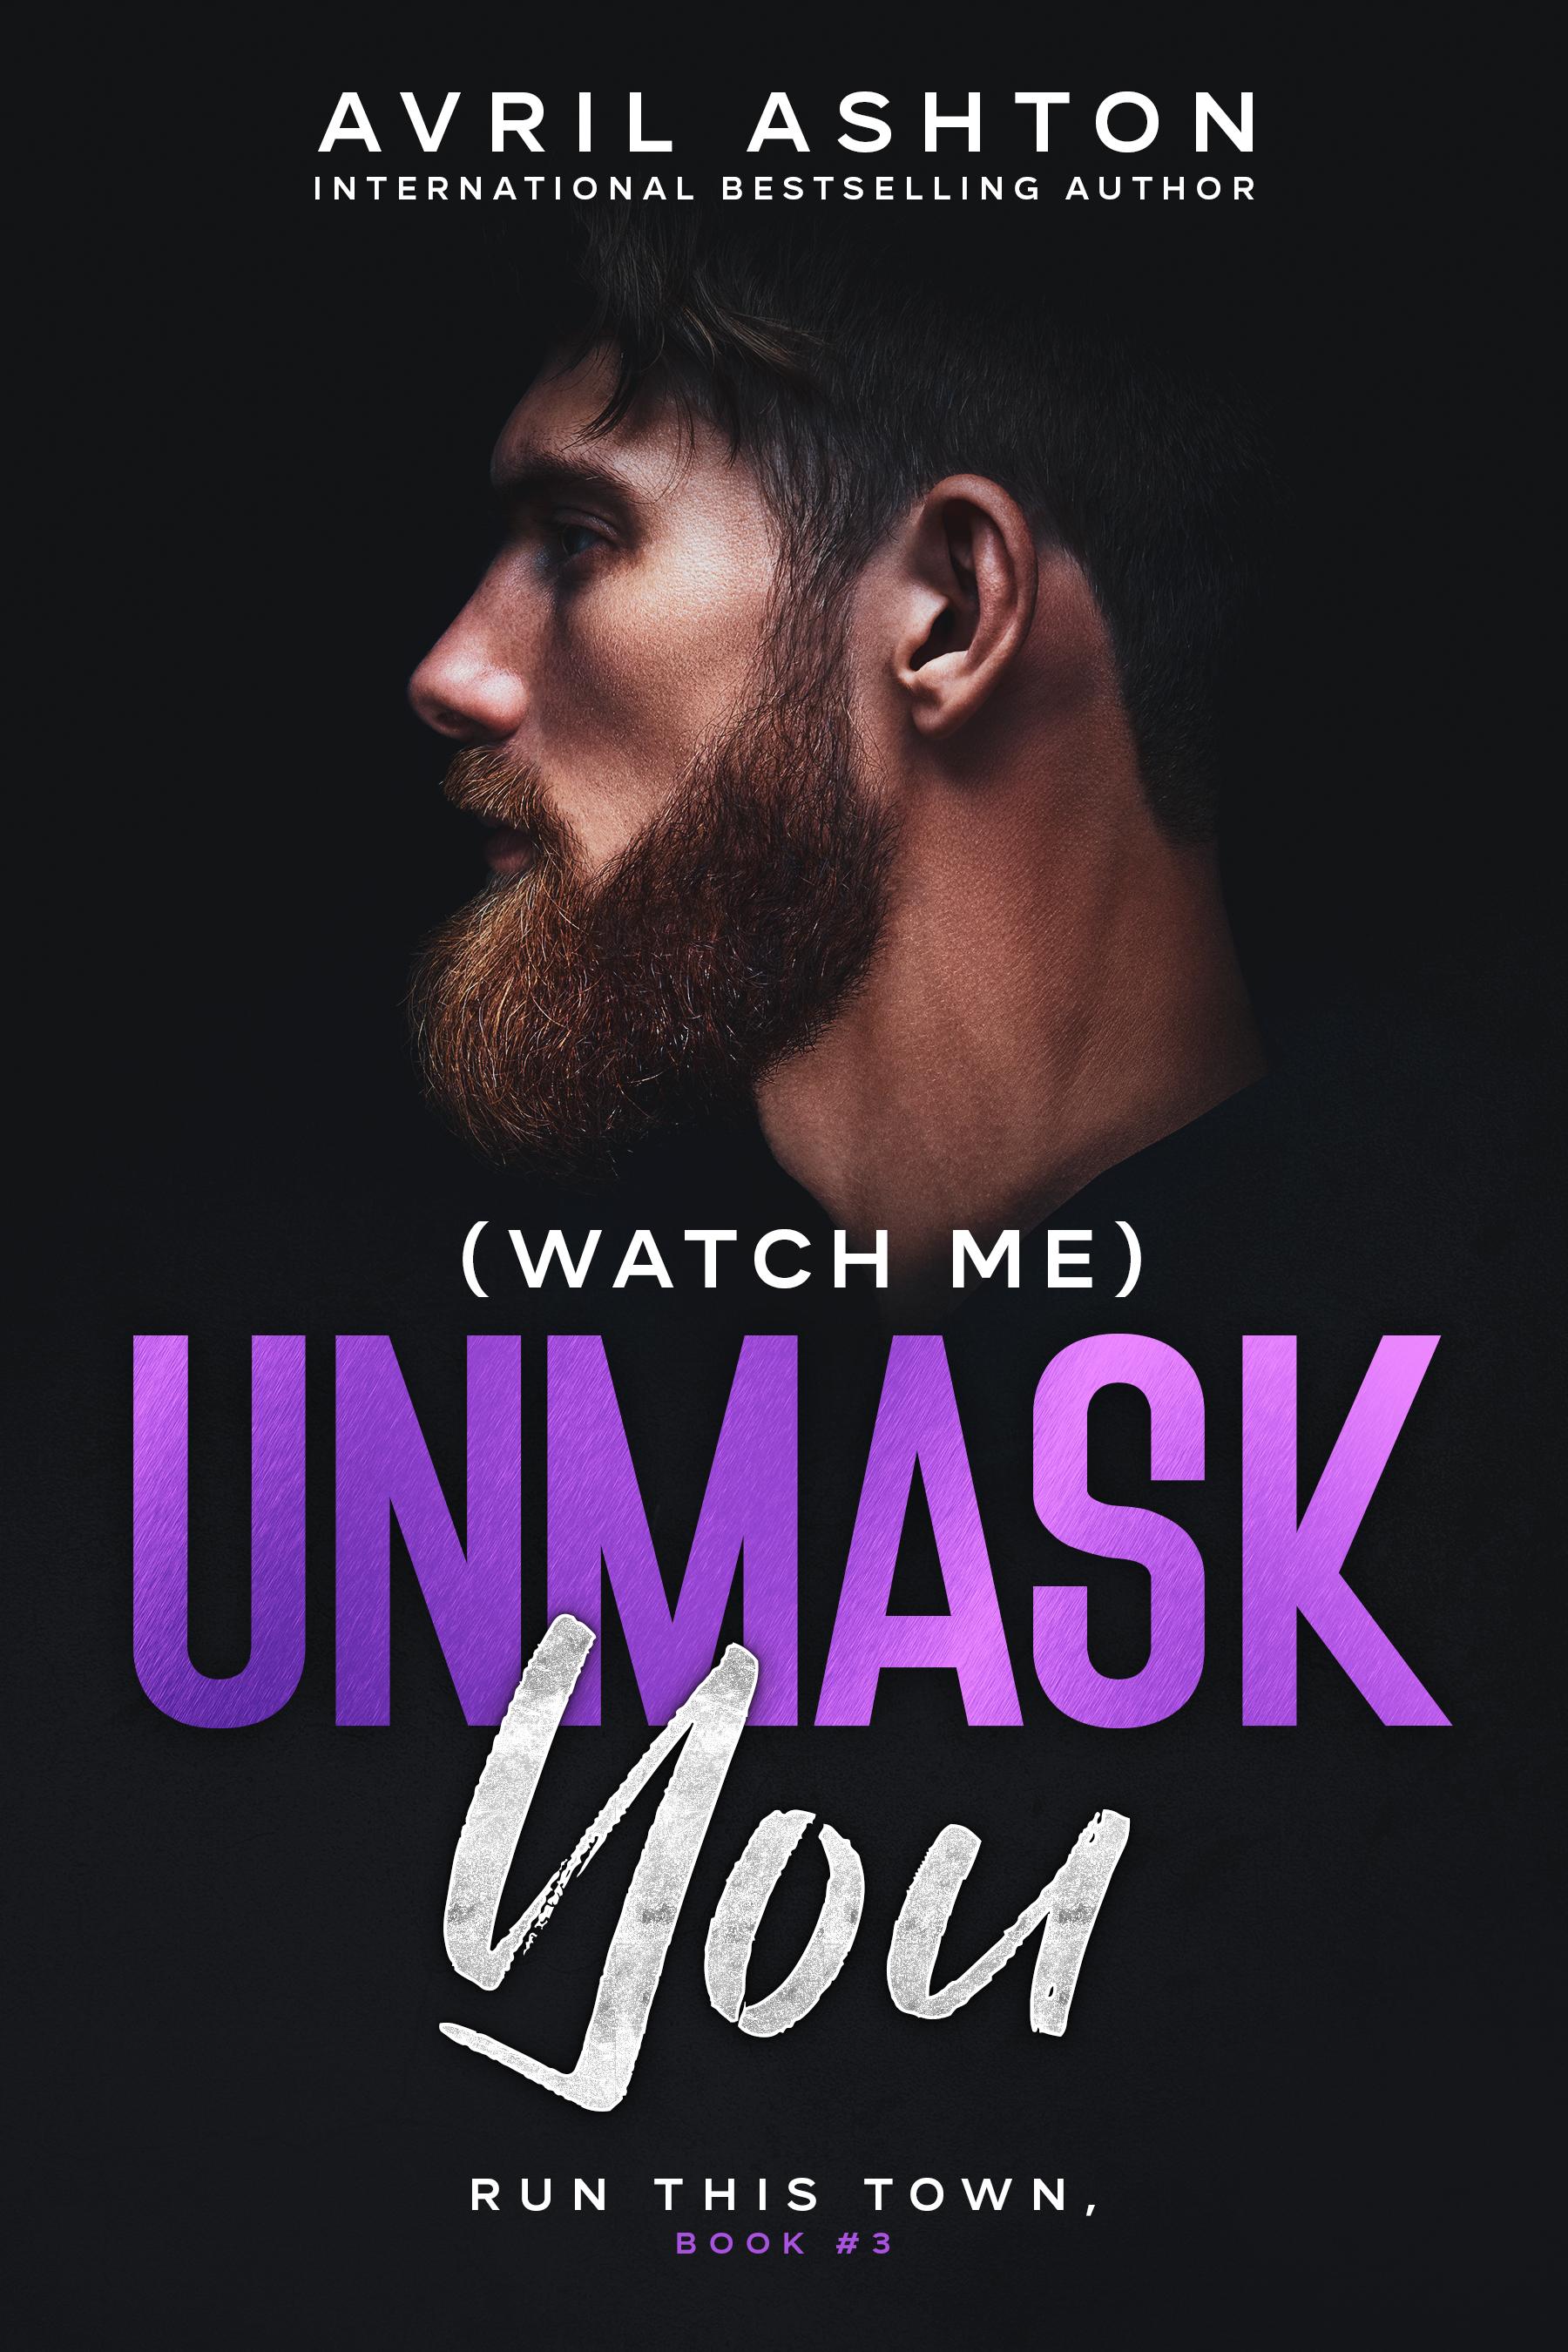 unmaskyou